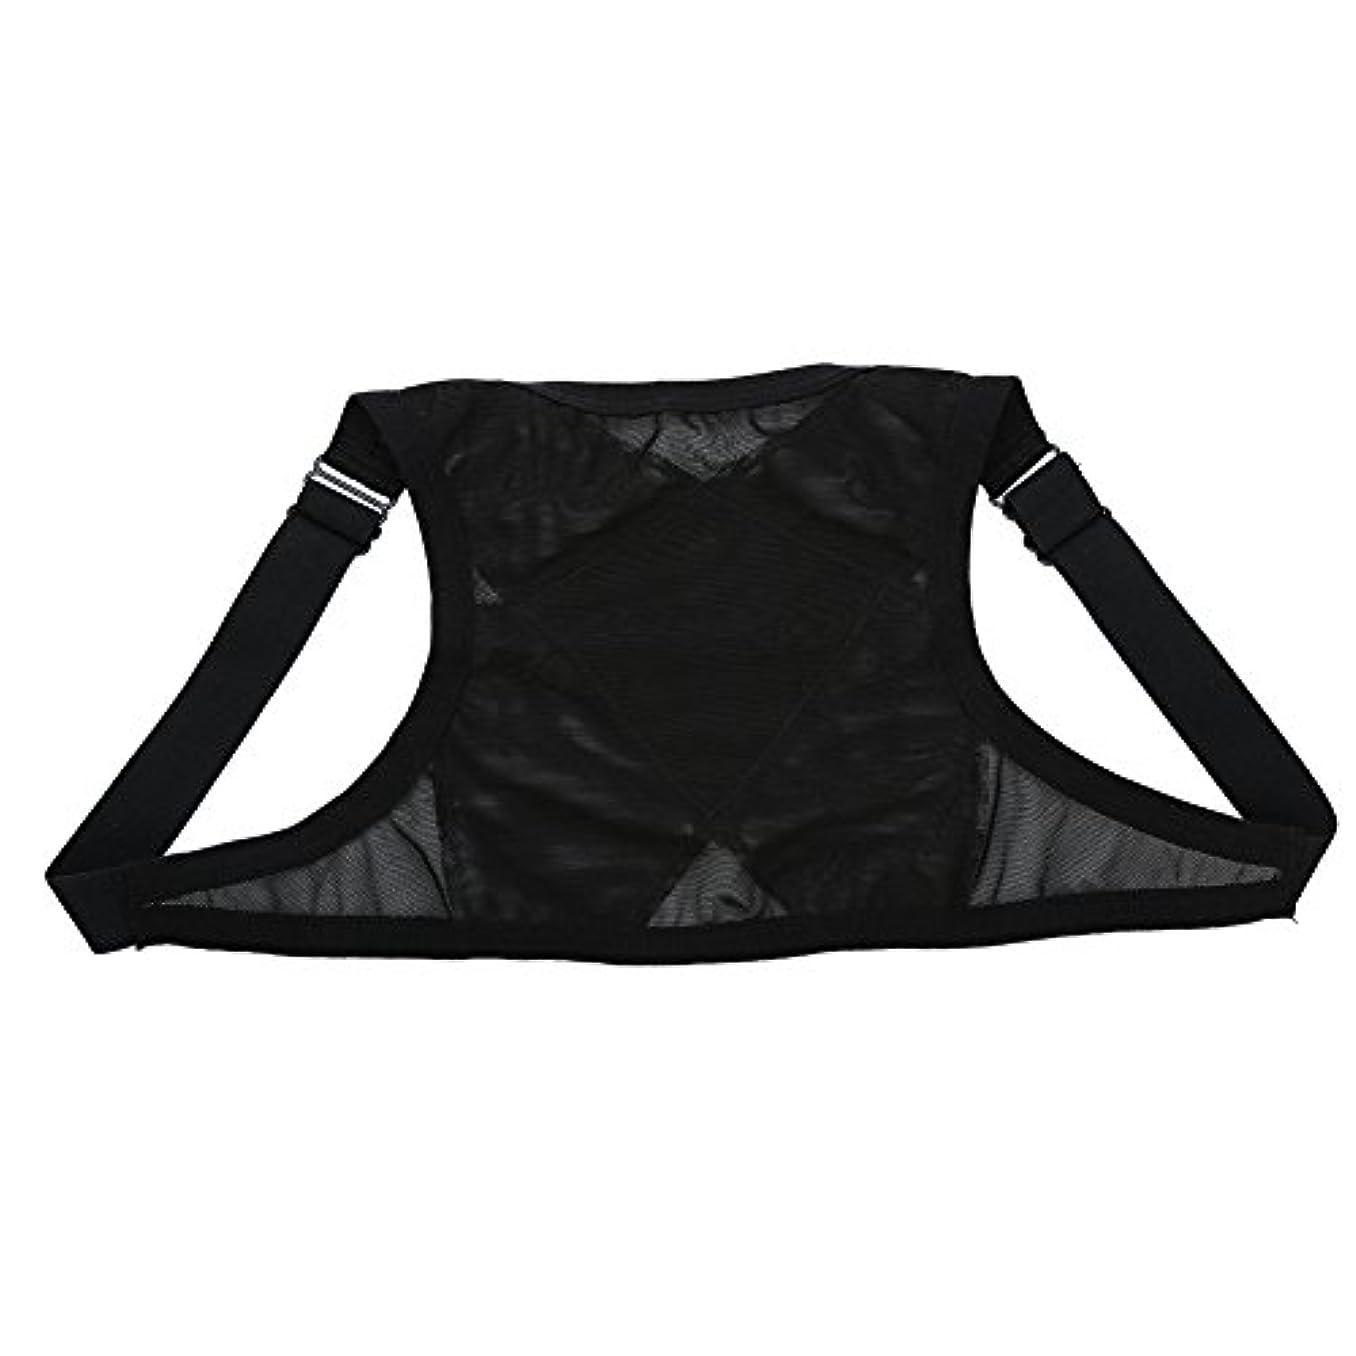 従う公使館ダブル姿勢矯正具、整形外科用矯正具、肩の体位の矯正、整形外科用こぶの軽減のための包帯矯正具、青年用(L)